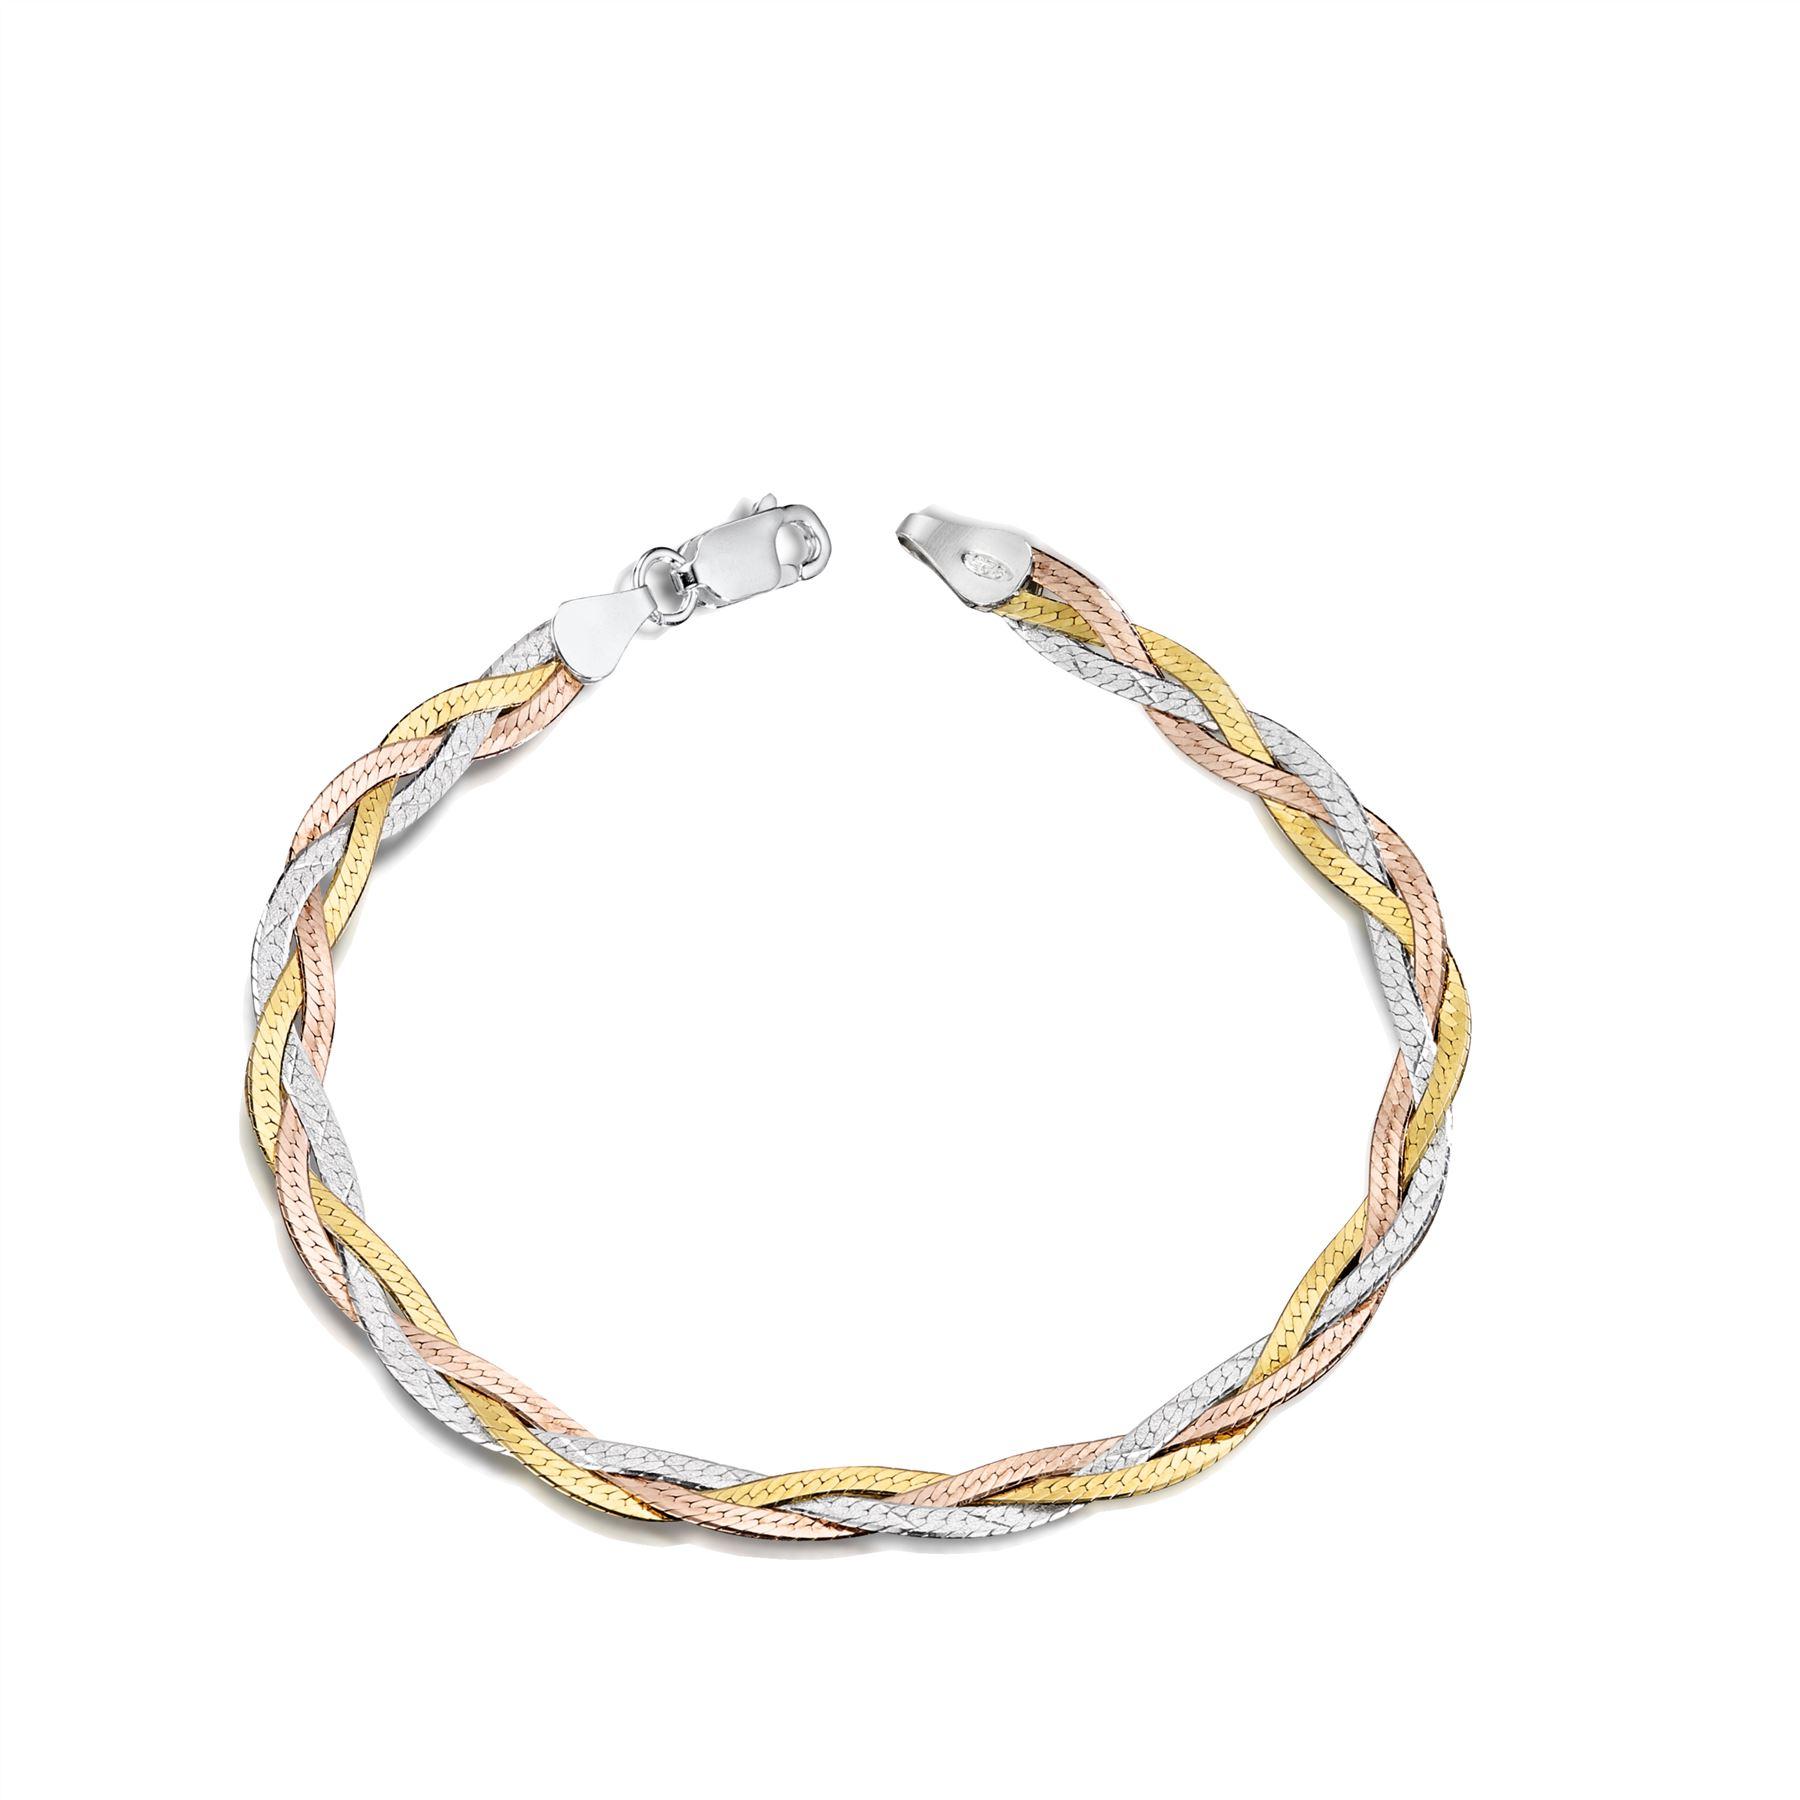 Amberta-Bijoux-Bracelet-en-Vrai-Argent-Sterling-925-Chaine-pour-Femme-a-la-Mode thumbnail 102